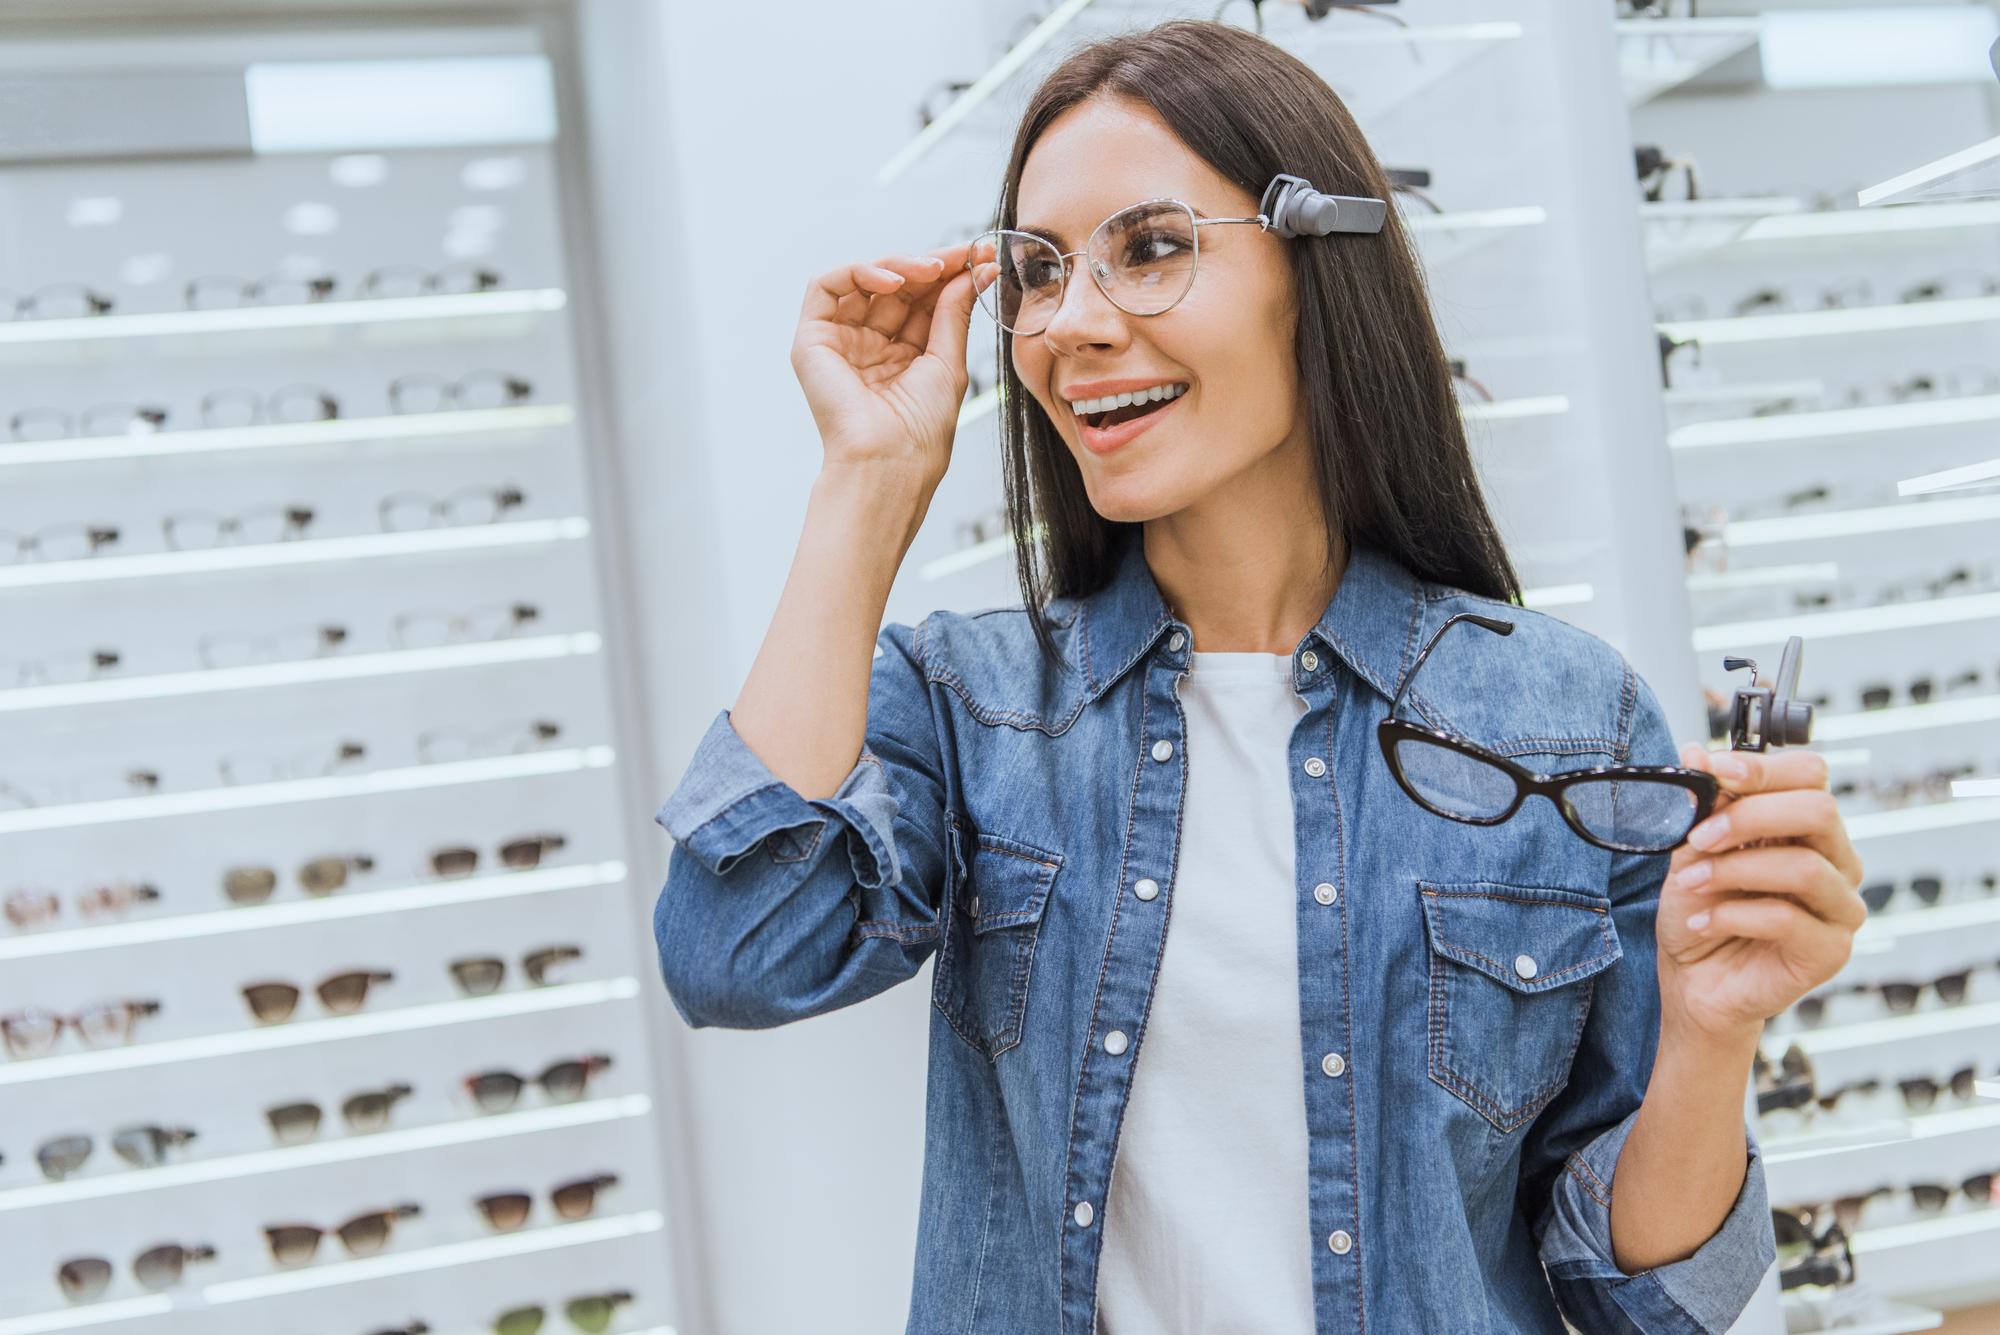 eyeglasses-new-york-city